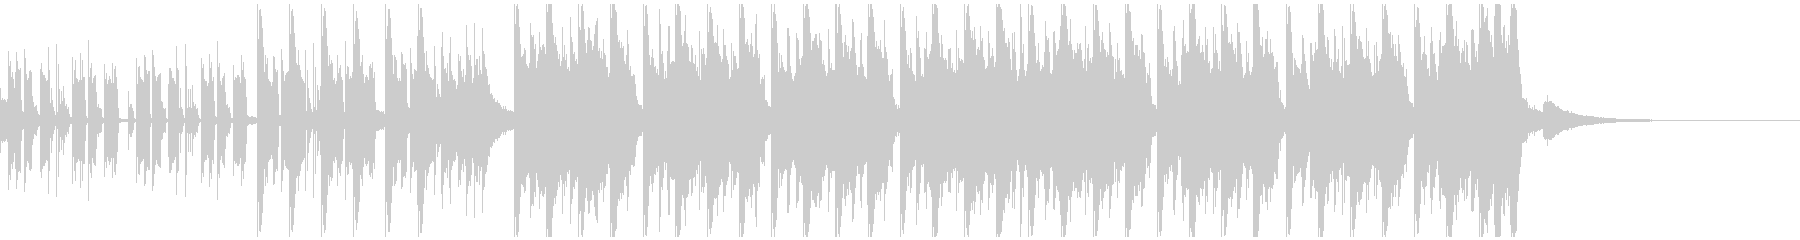 エレクトロスポーツ(30秒)の未再生の波形